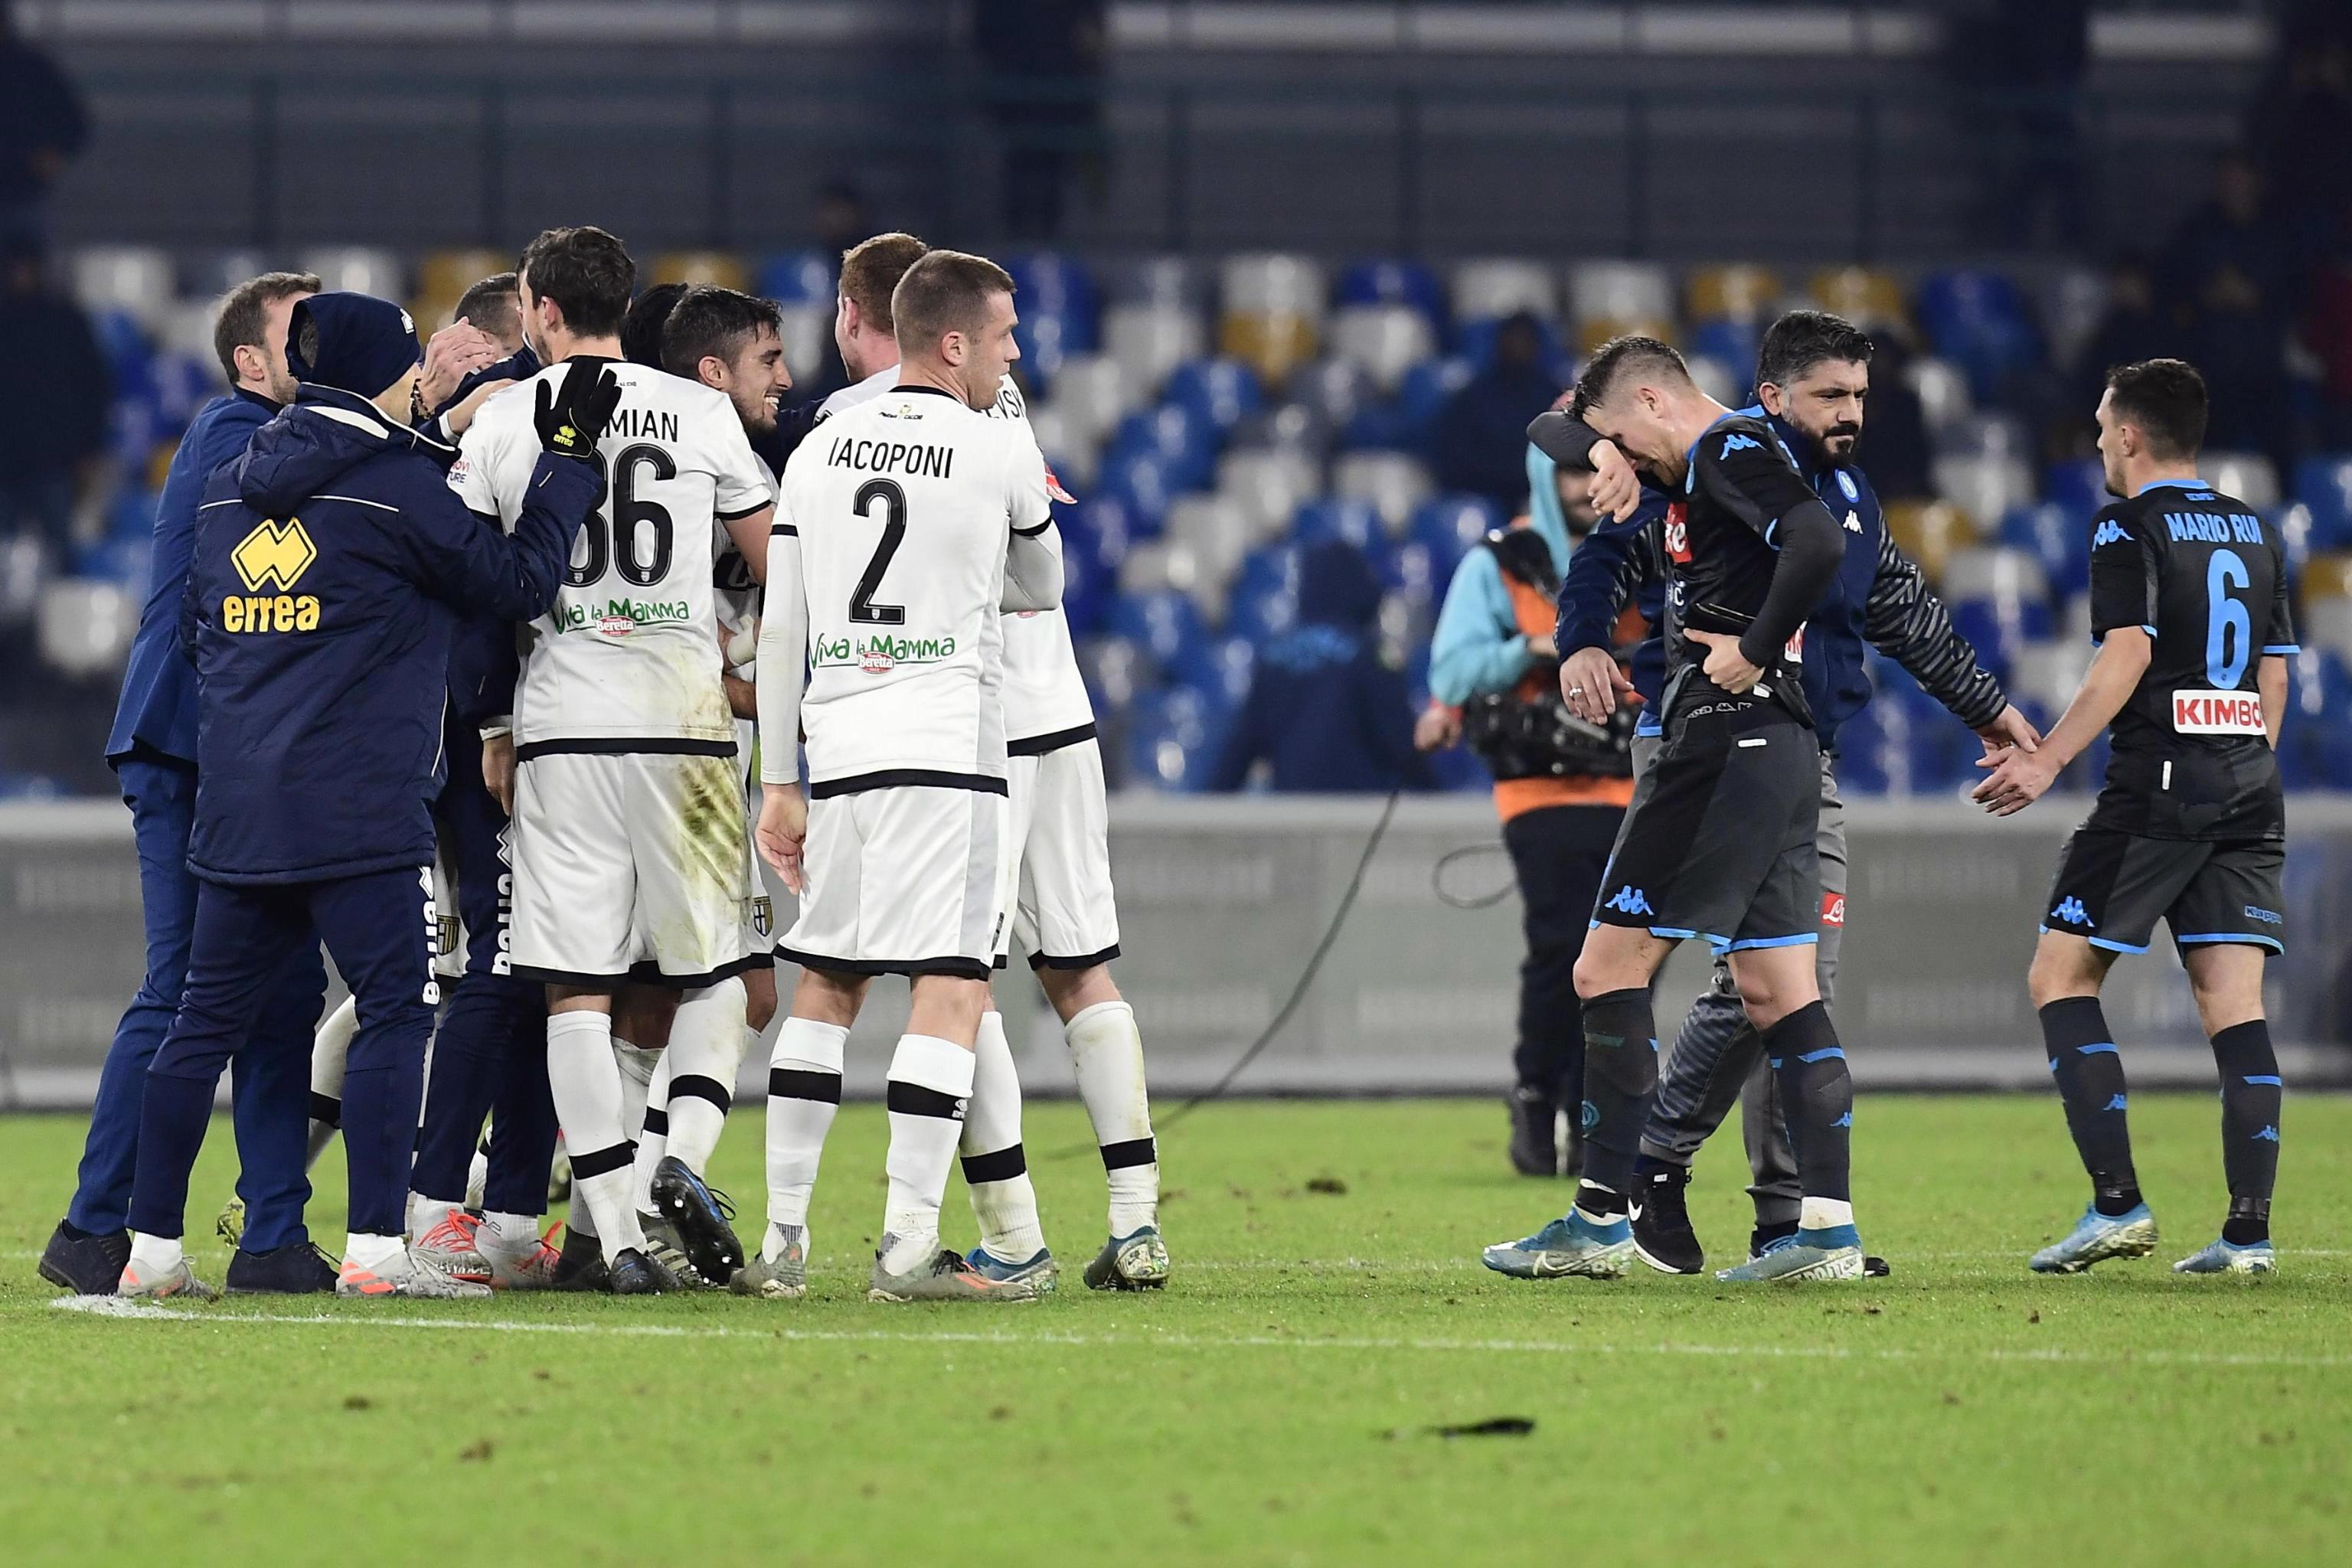 """Covid-19: Futebolistas italianos consideram """"vergonhosa"""" redução salarial"""